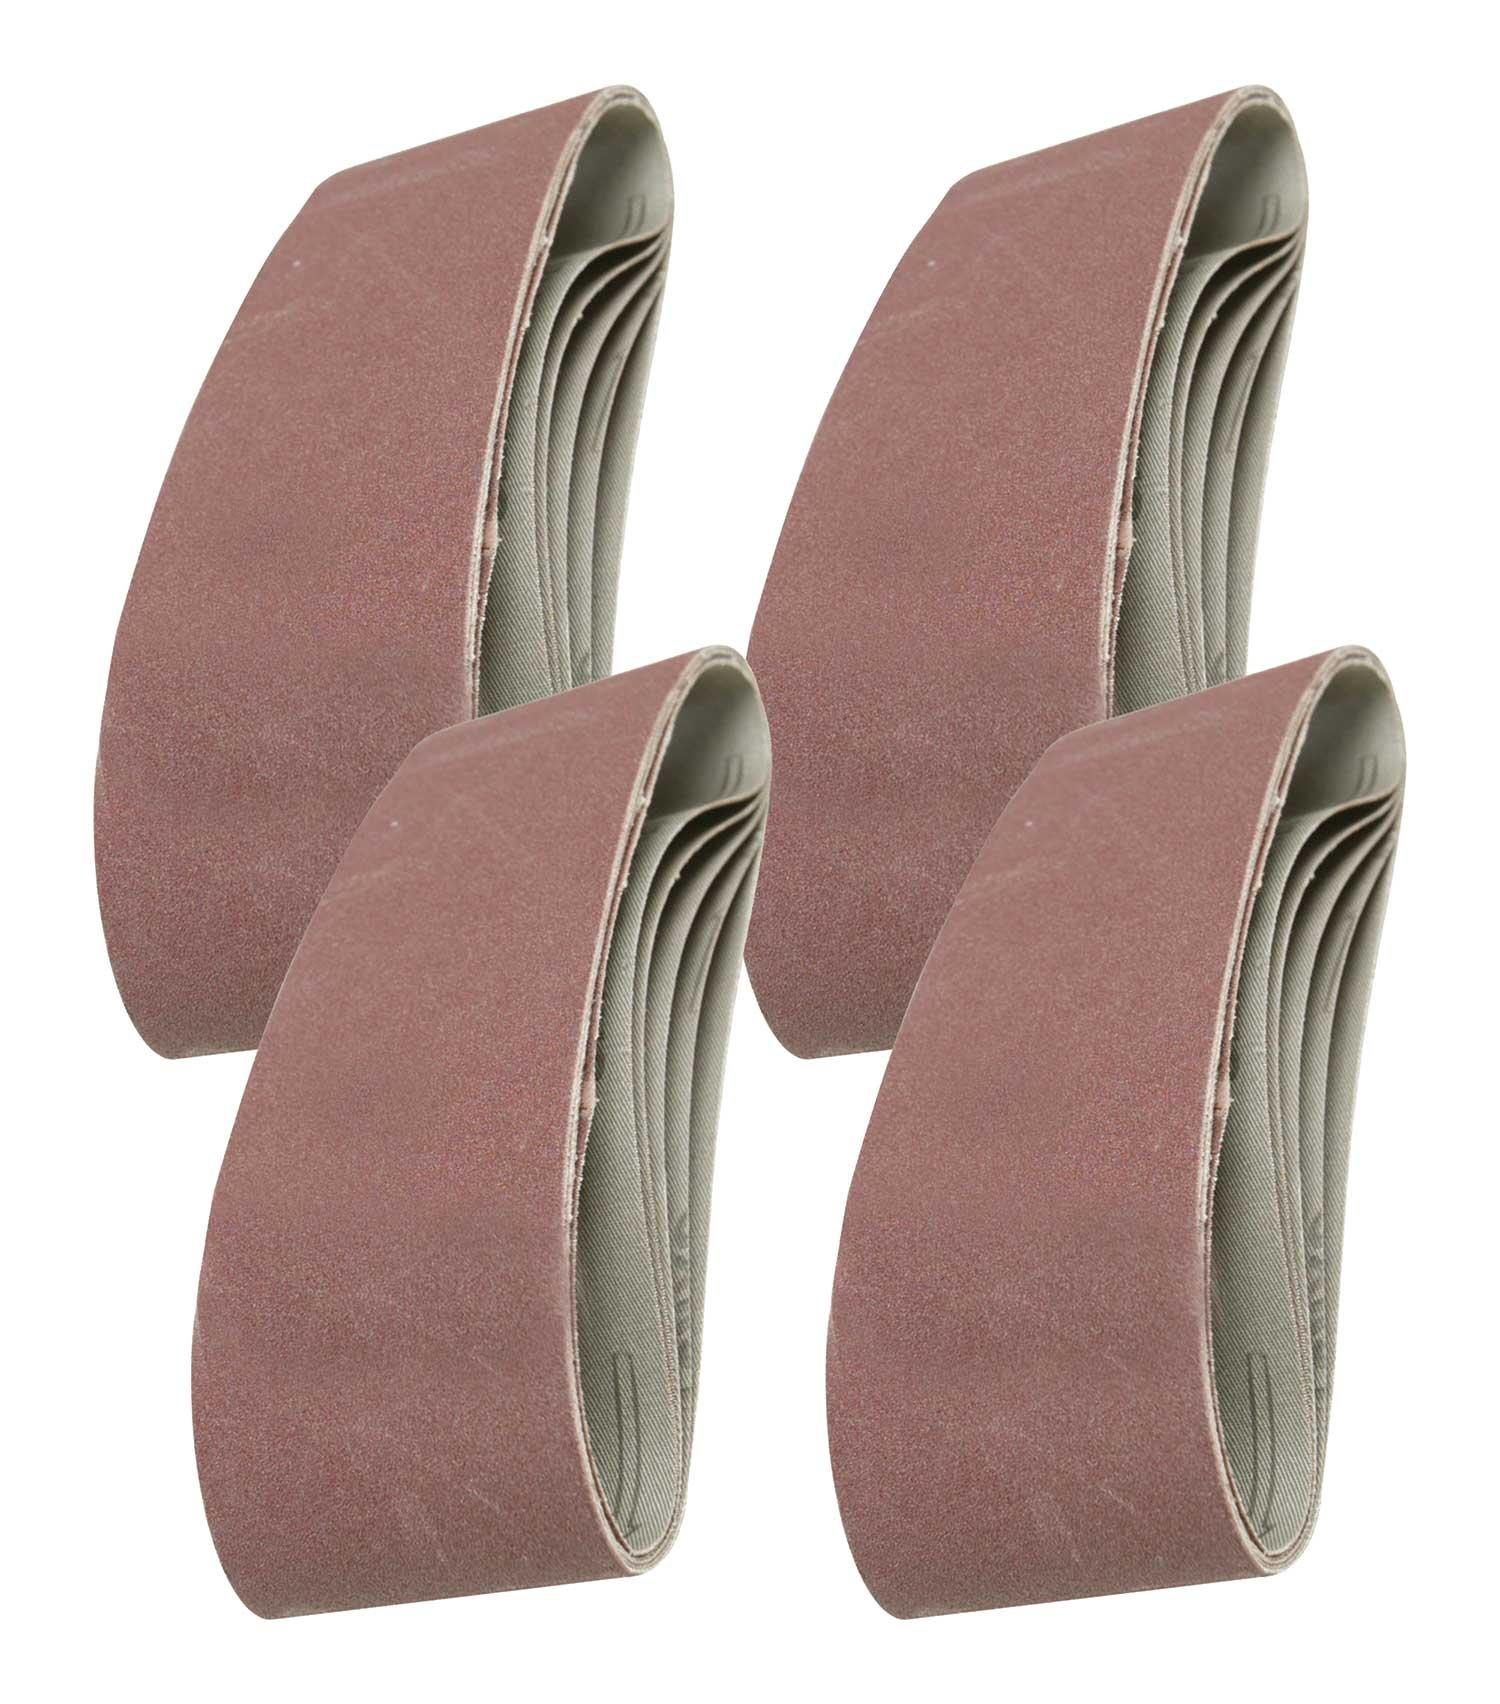 Set Sanding Belts 20 pcs 40-120Grit For Black /& Decker Kits Part Hot Sale